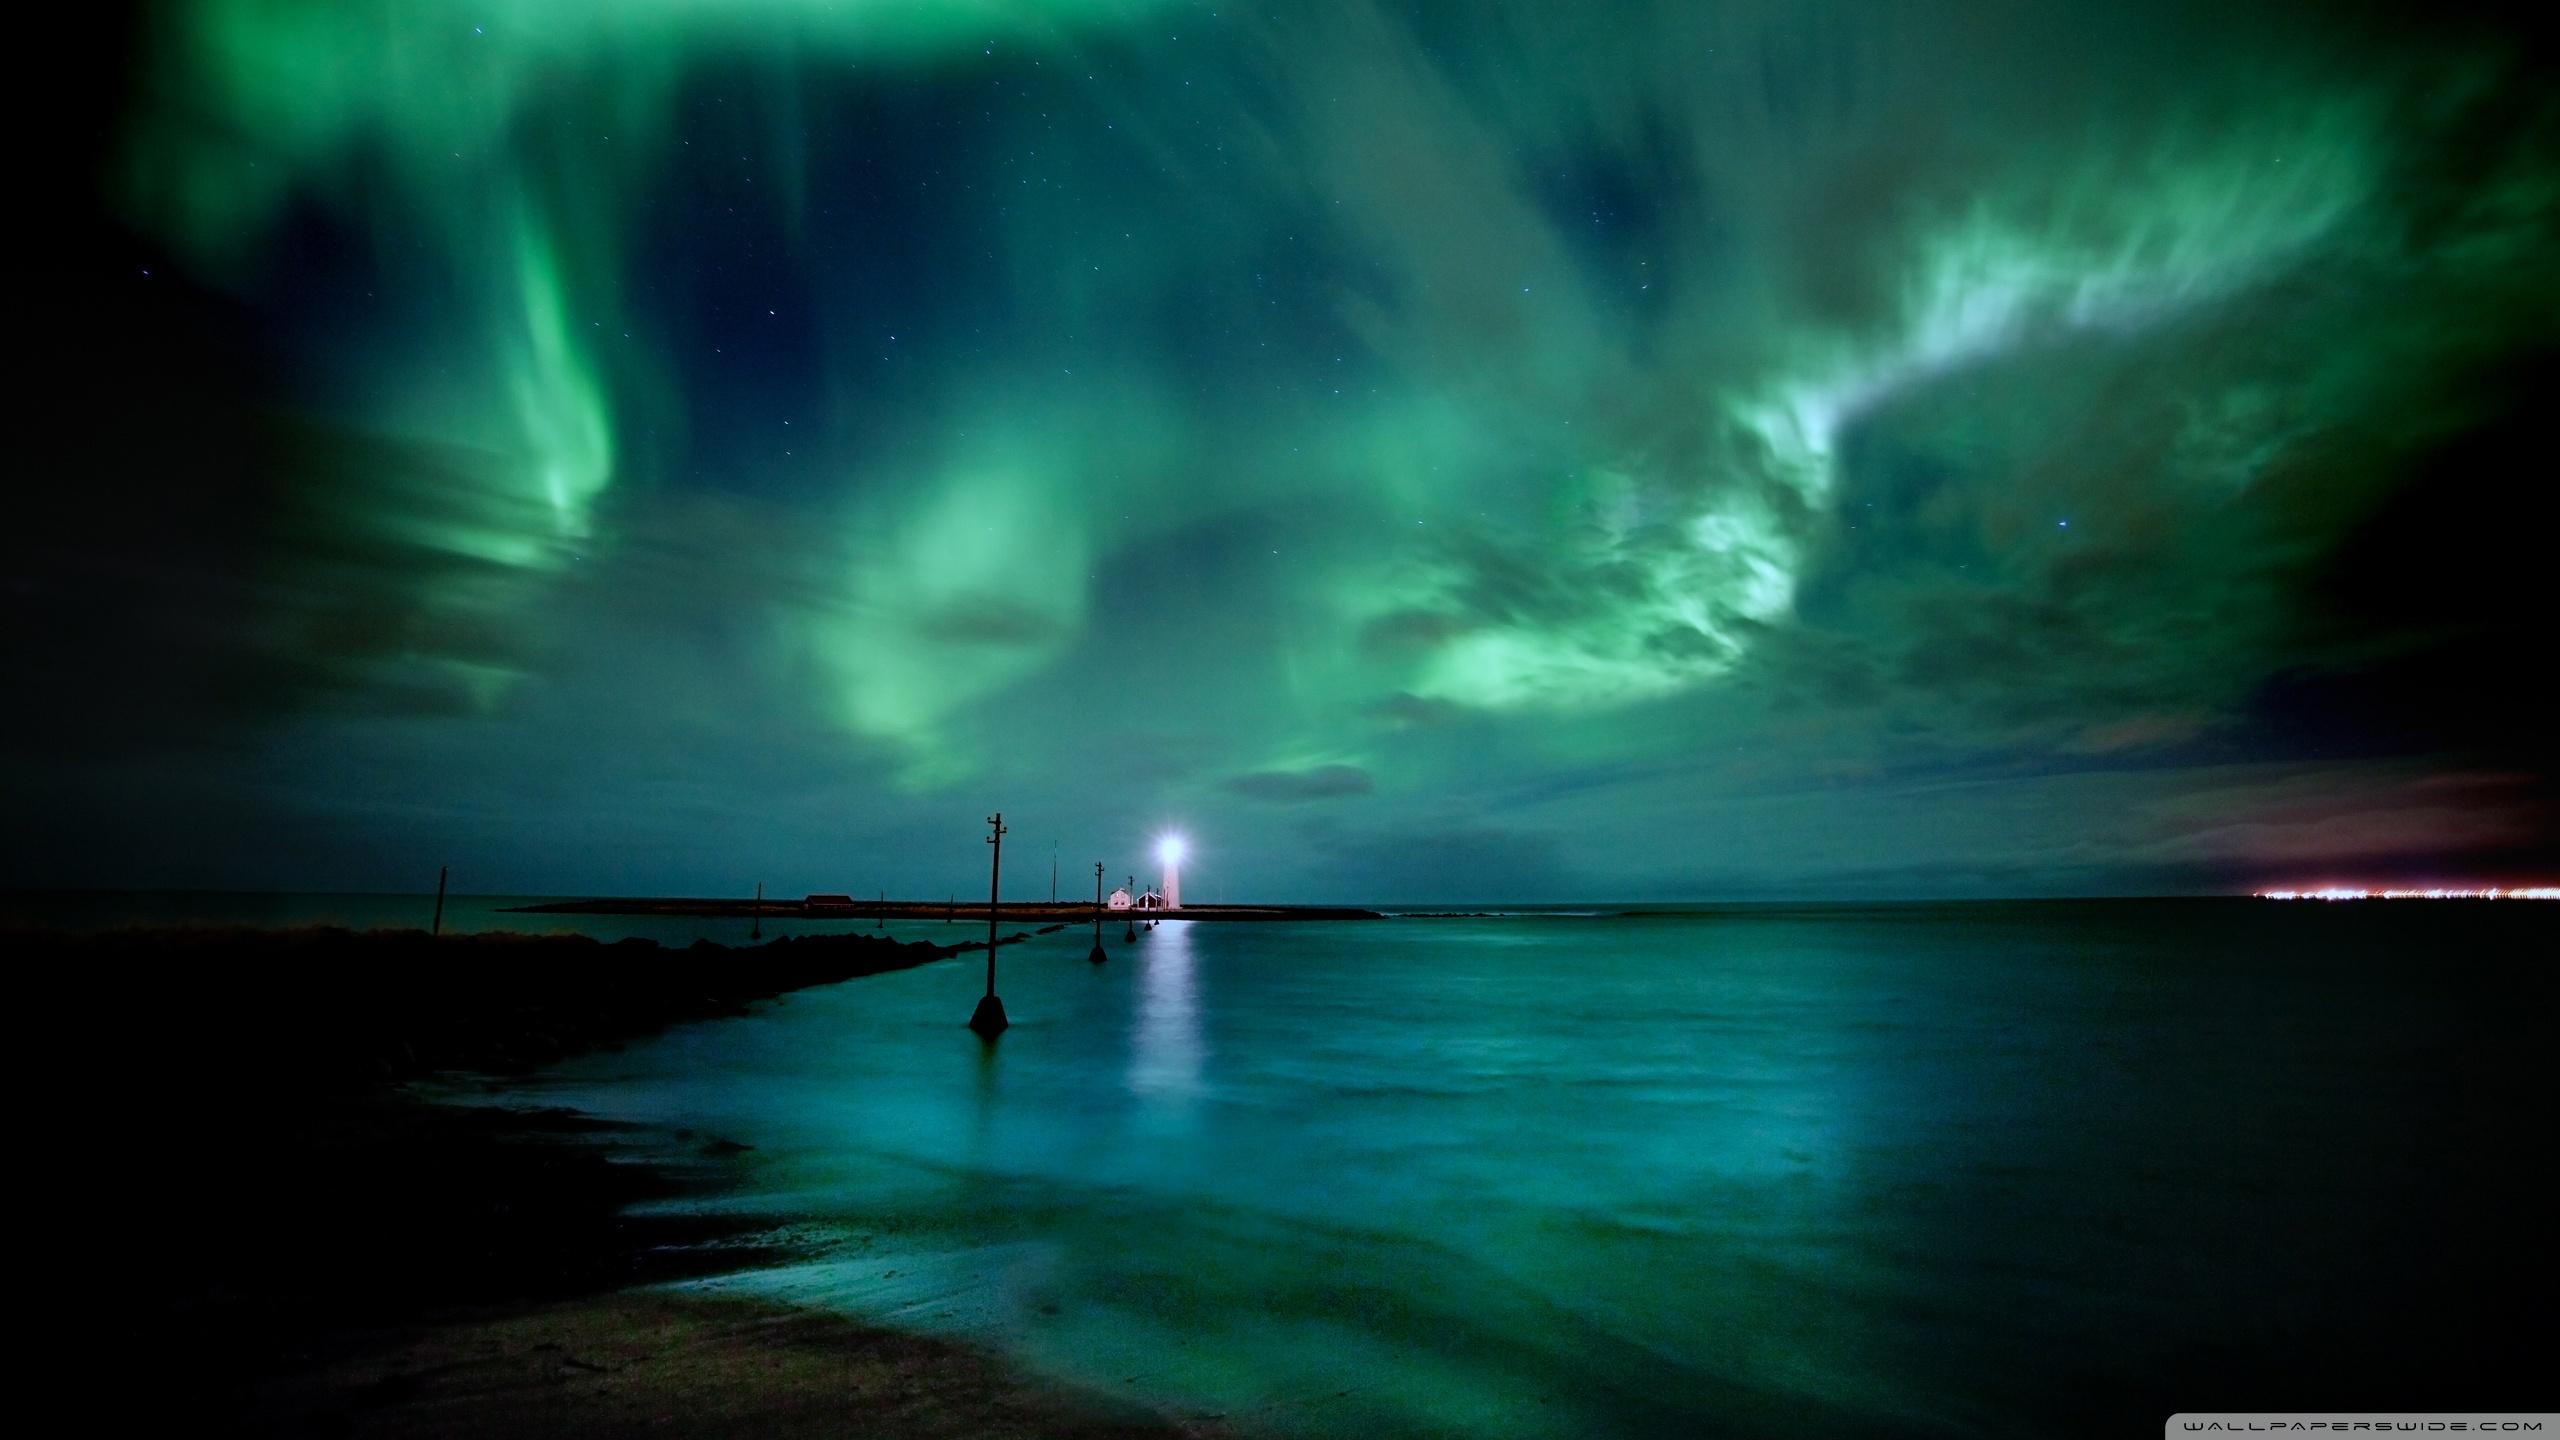 aurora_borealis-wallpaper-2560x1440 (1) - Magic4Walls.com